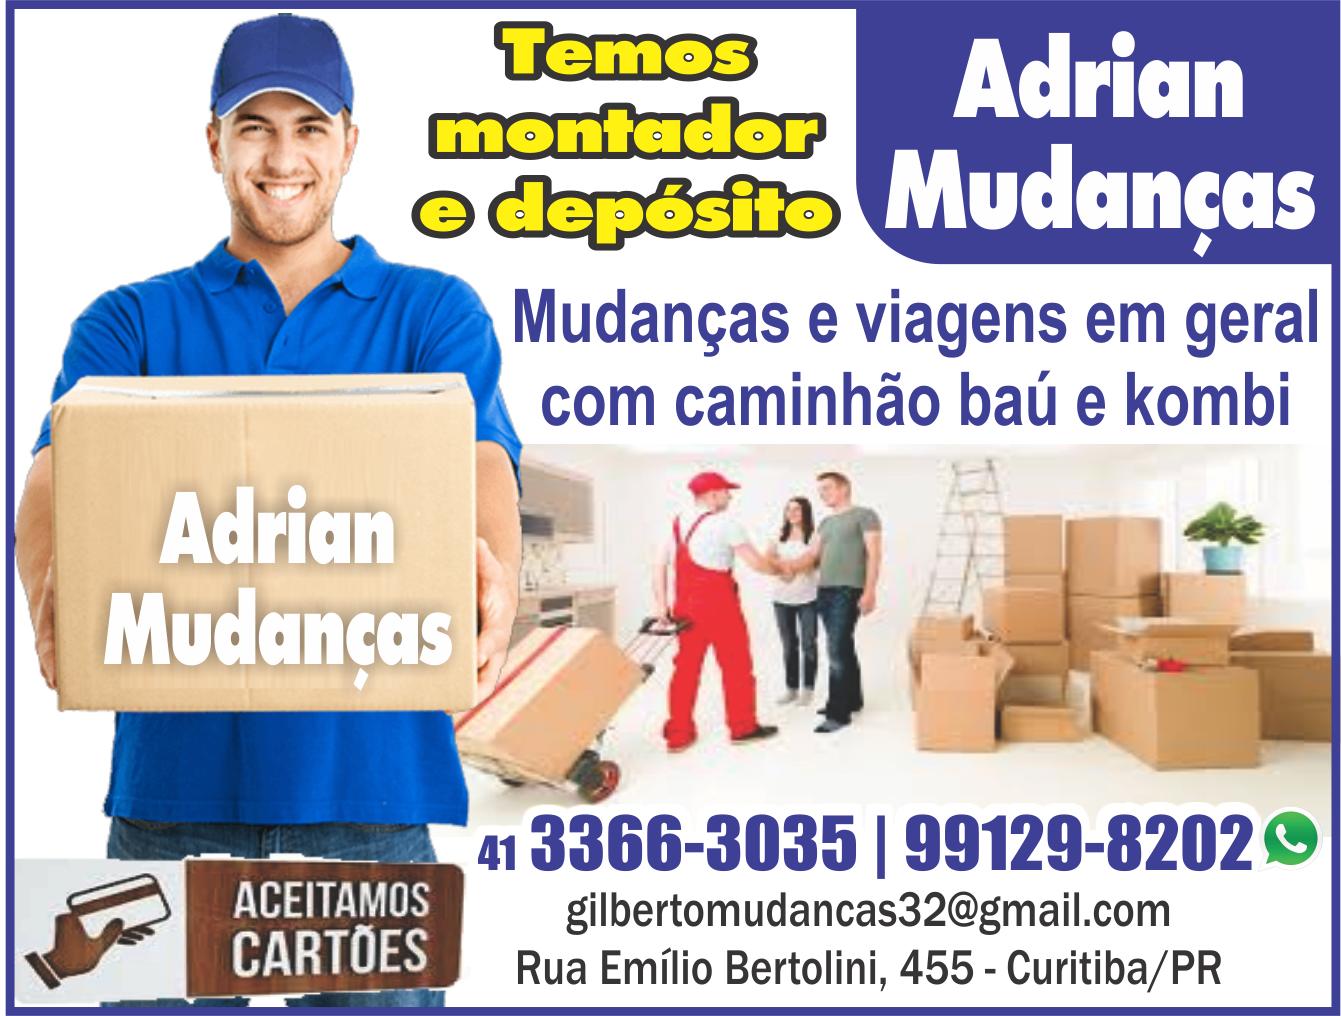 Adrian Mudanças      RUA EMÍLIO BERTOLINI, 455, CURITIBA - PR  Fones: (41) 3366-3035 / (41) 99129-8202